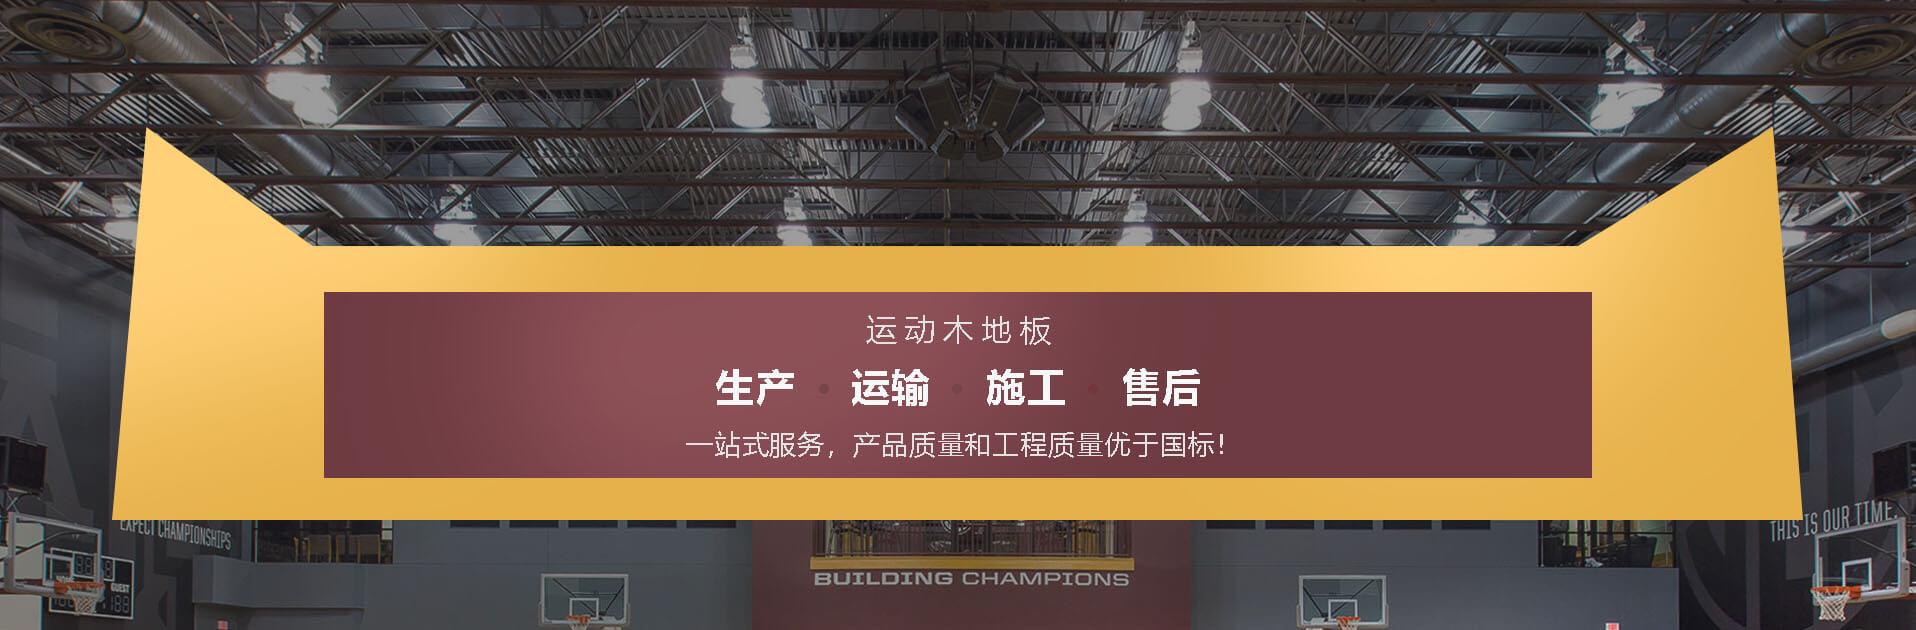 yundongmu地板原liaojia工拉菲yule下zai施工维护研发